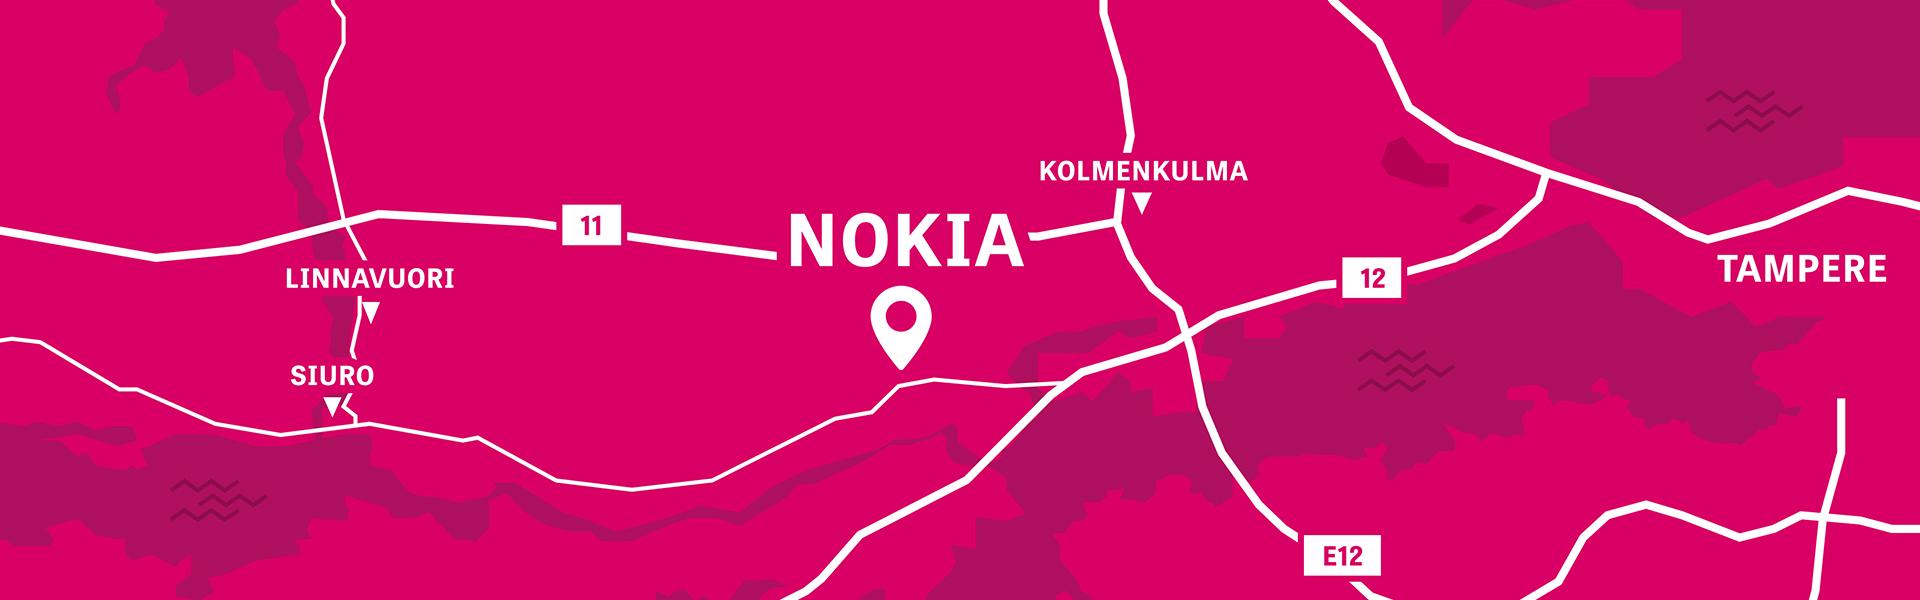 Visit Nokia kartta matala. Piirretty Nokian kartta, missä näkyy alueina Kolmenkulma, Linnavuori ja Siuro ja tiet 11, 12 ja E12. Ei etääisyysksiä eikä tarkempia teitä.